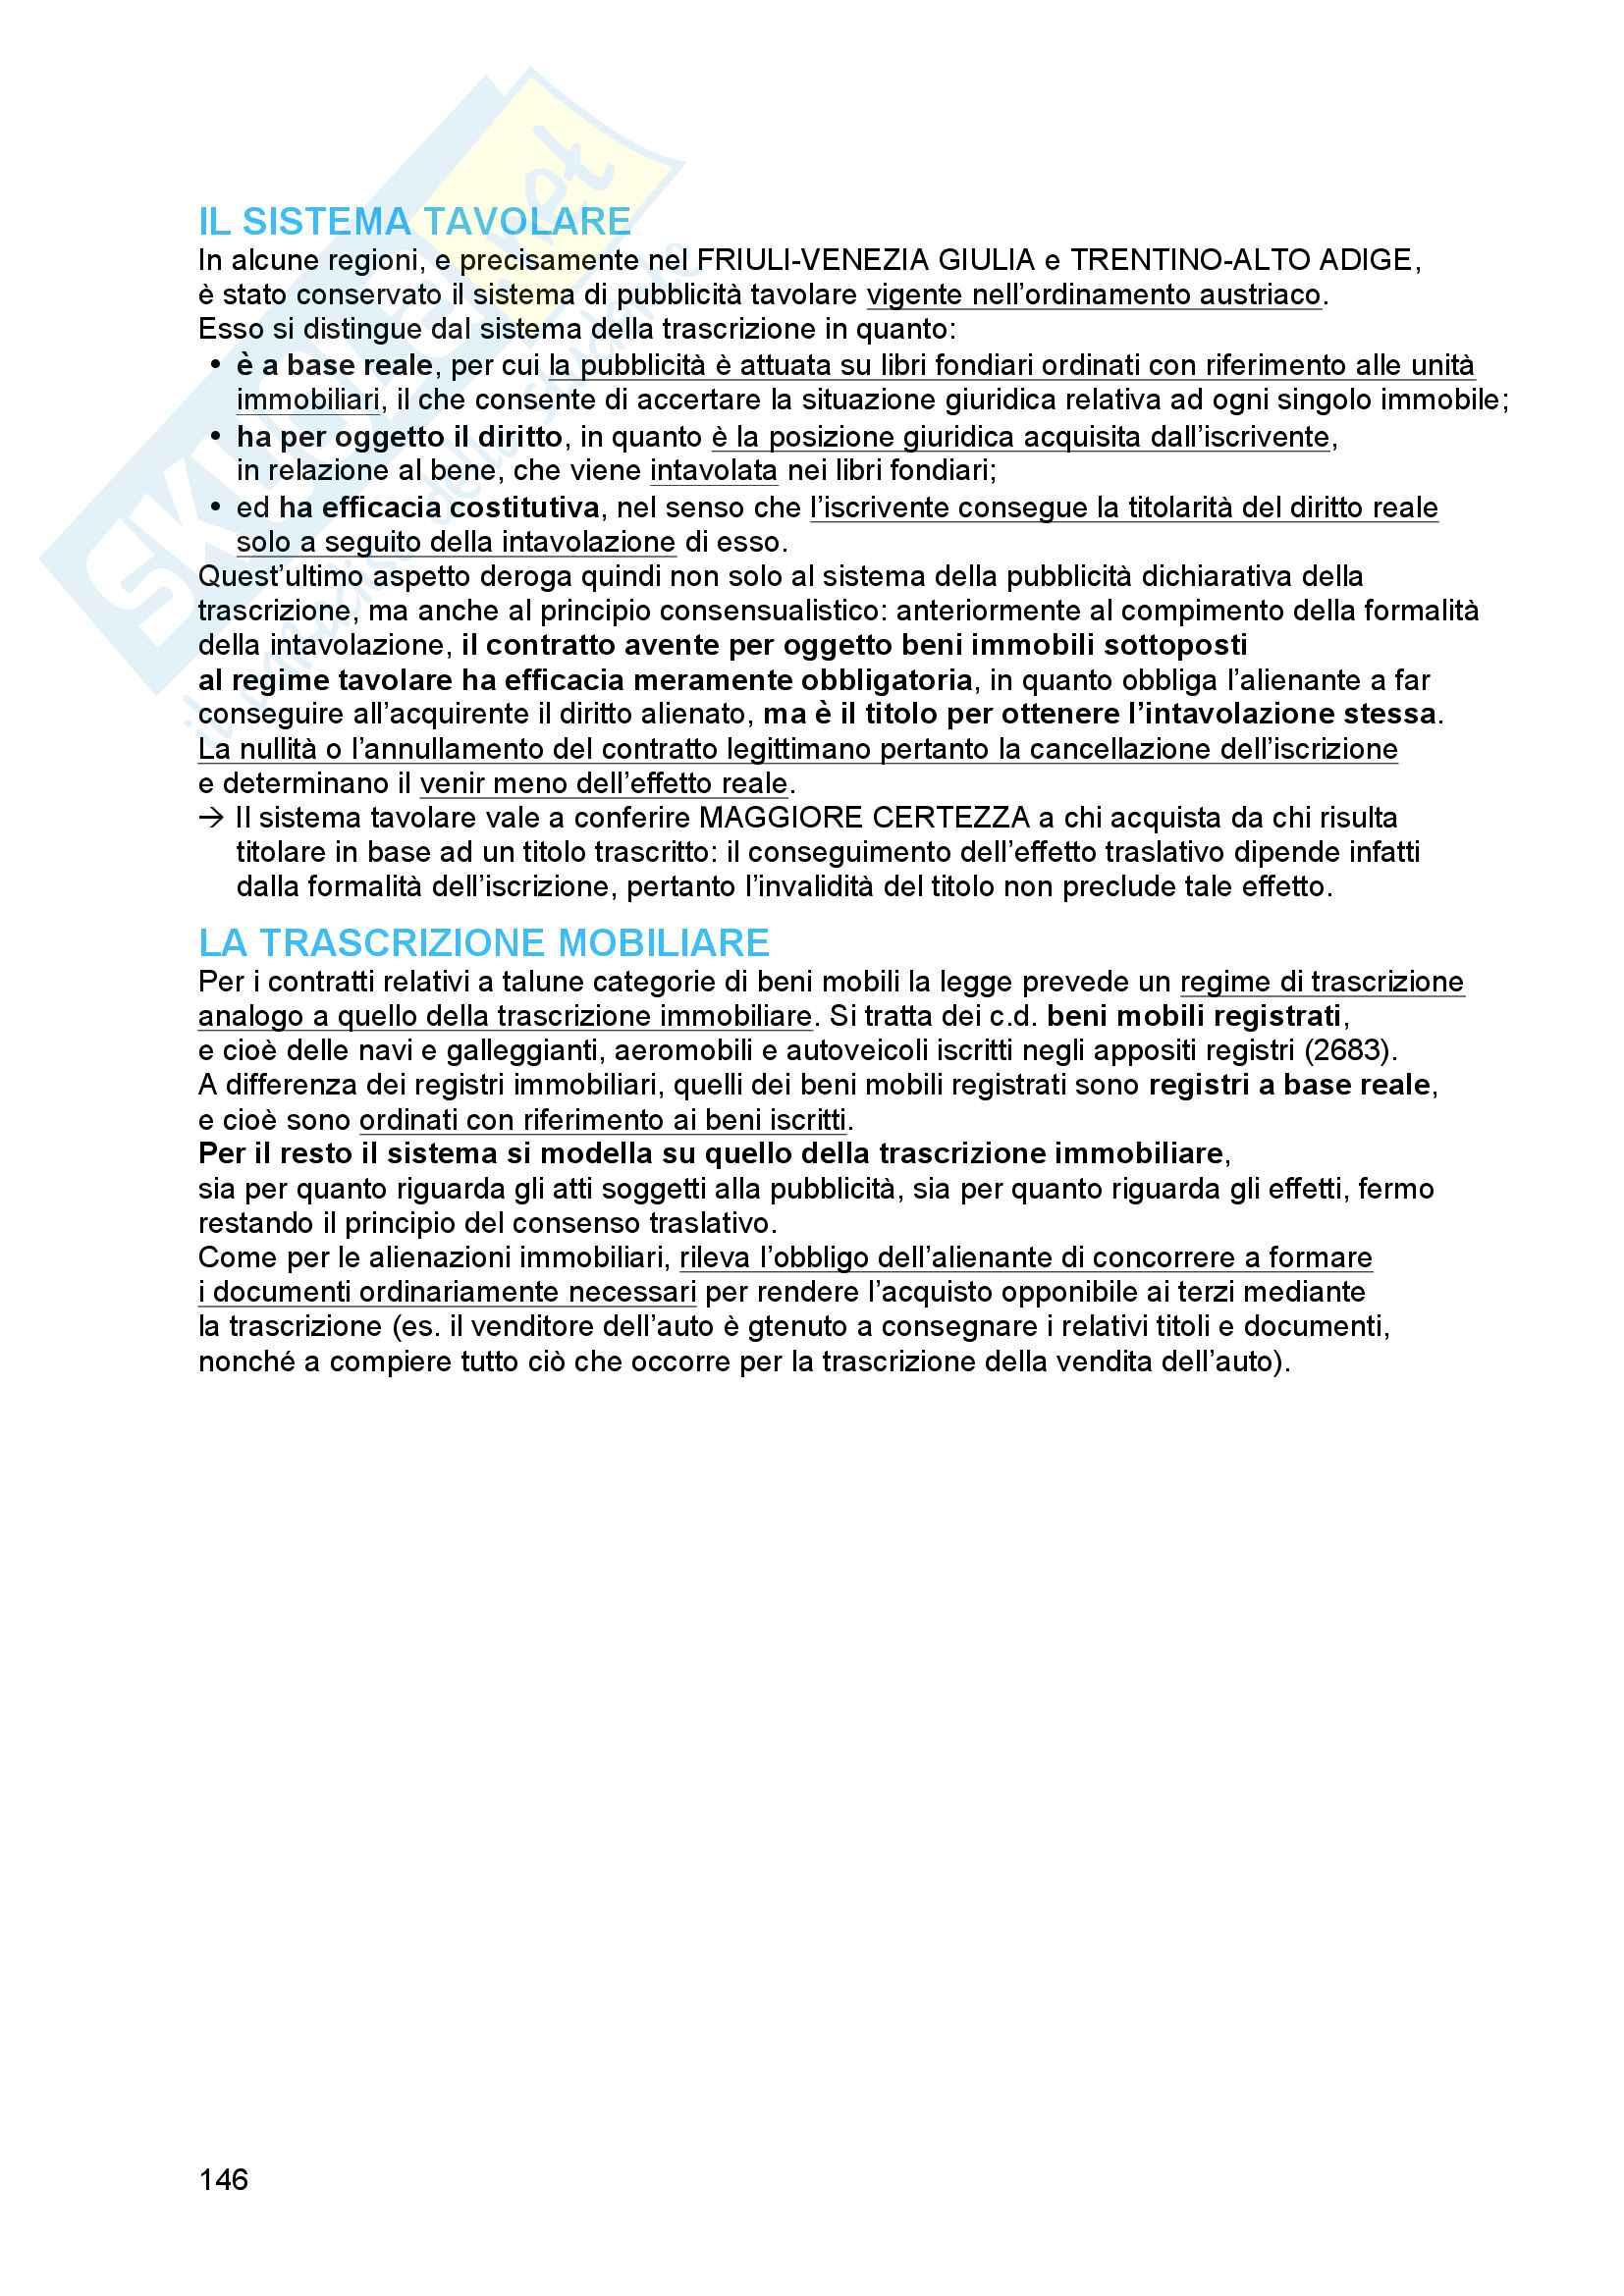 Riassunto esame diritto civile 2, prof. Troiano, libro consigliato Il contratto, Bianca (vol. 3) Pag. 146